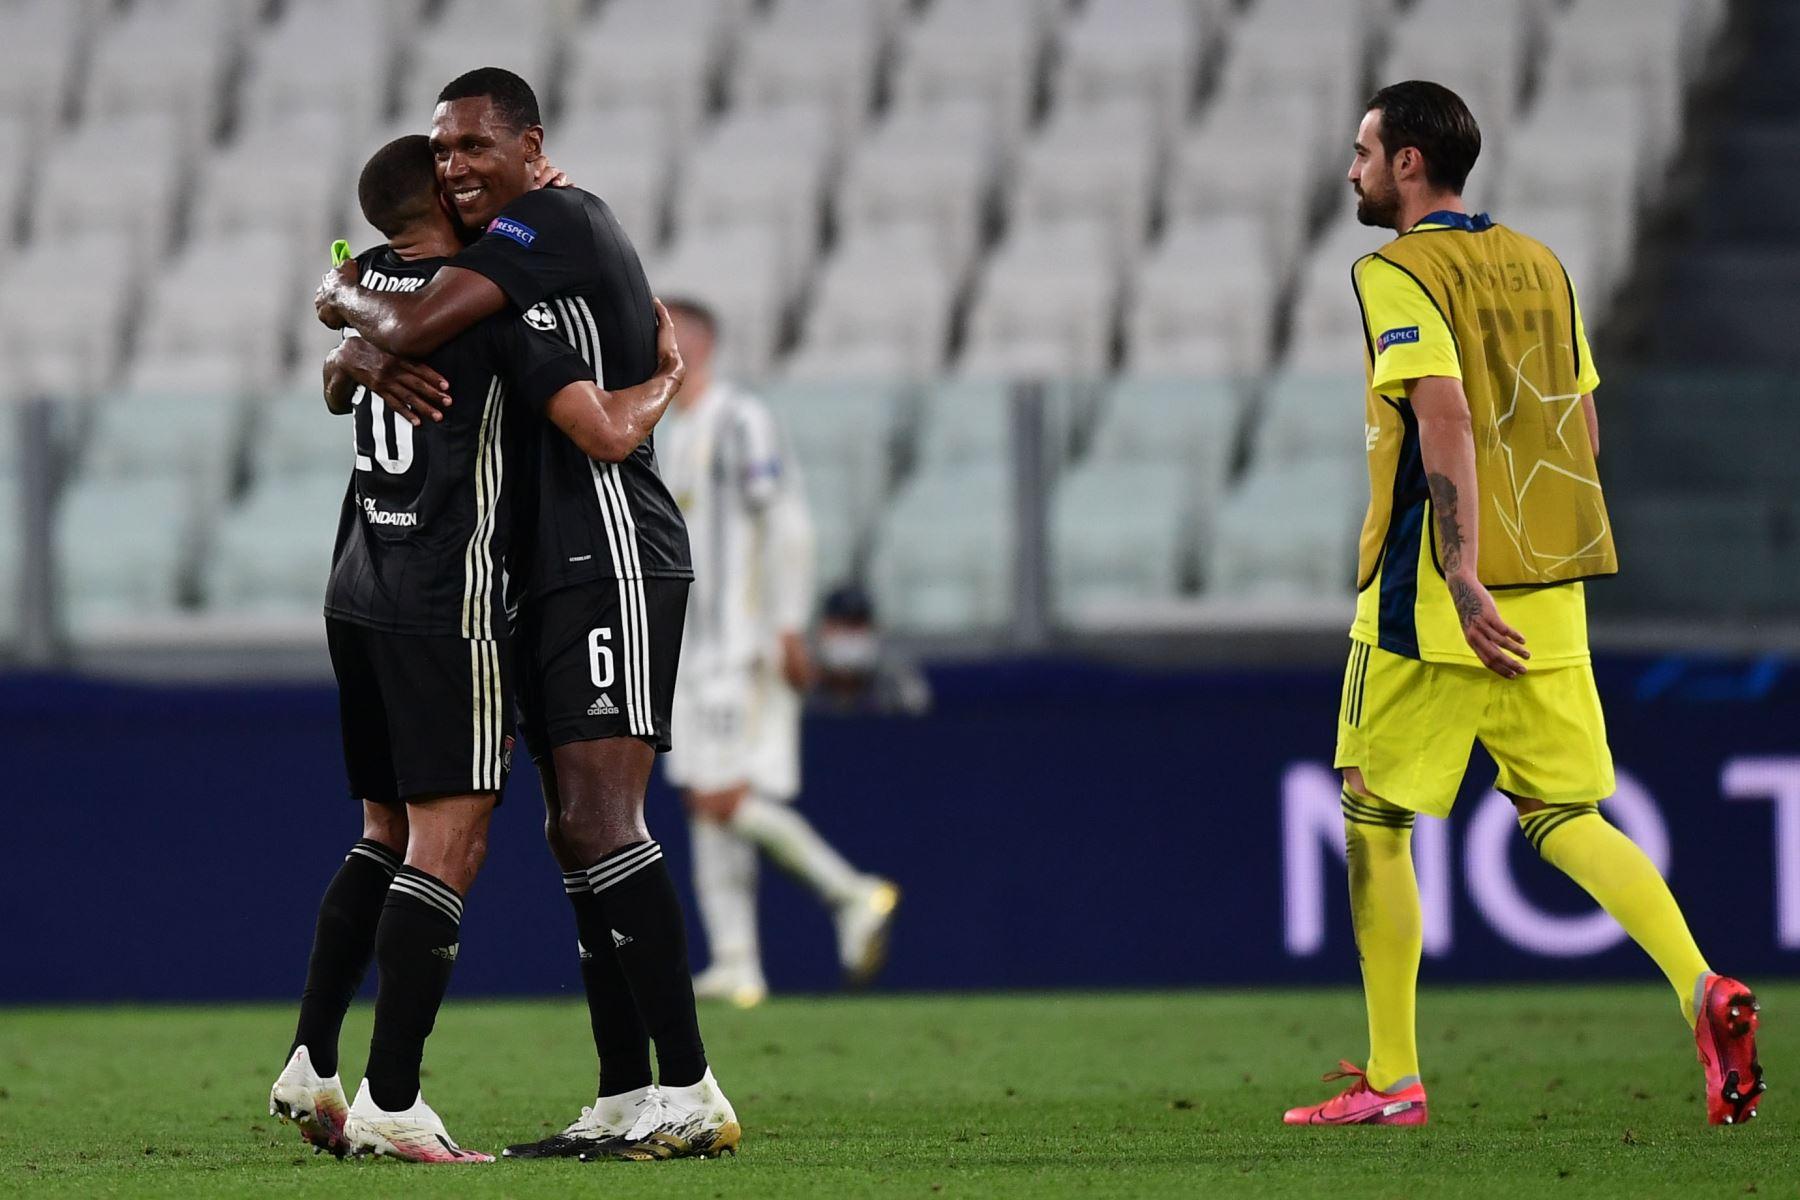 El defensa brasileño del Lyon, Marcal, celebra con el defensa brasileño del Lyon, Marcelo, después de ganar los octavos de final de la UEFA Champions League, el partido de vuelta Juventus vs Lyon. Foto: AFP